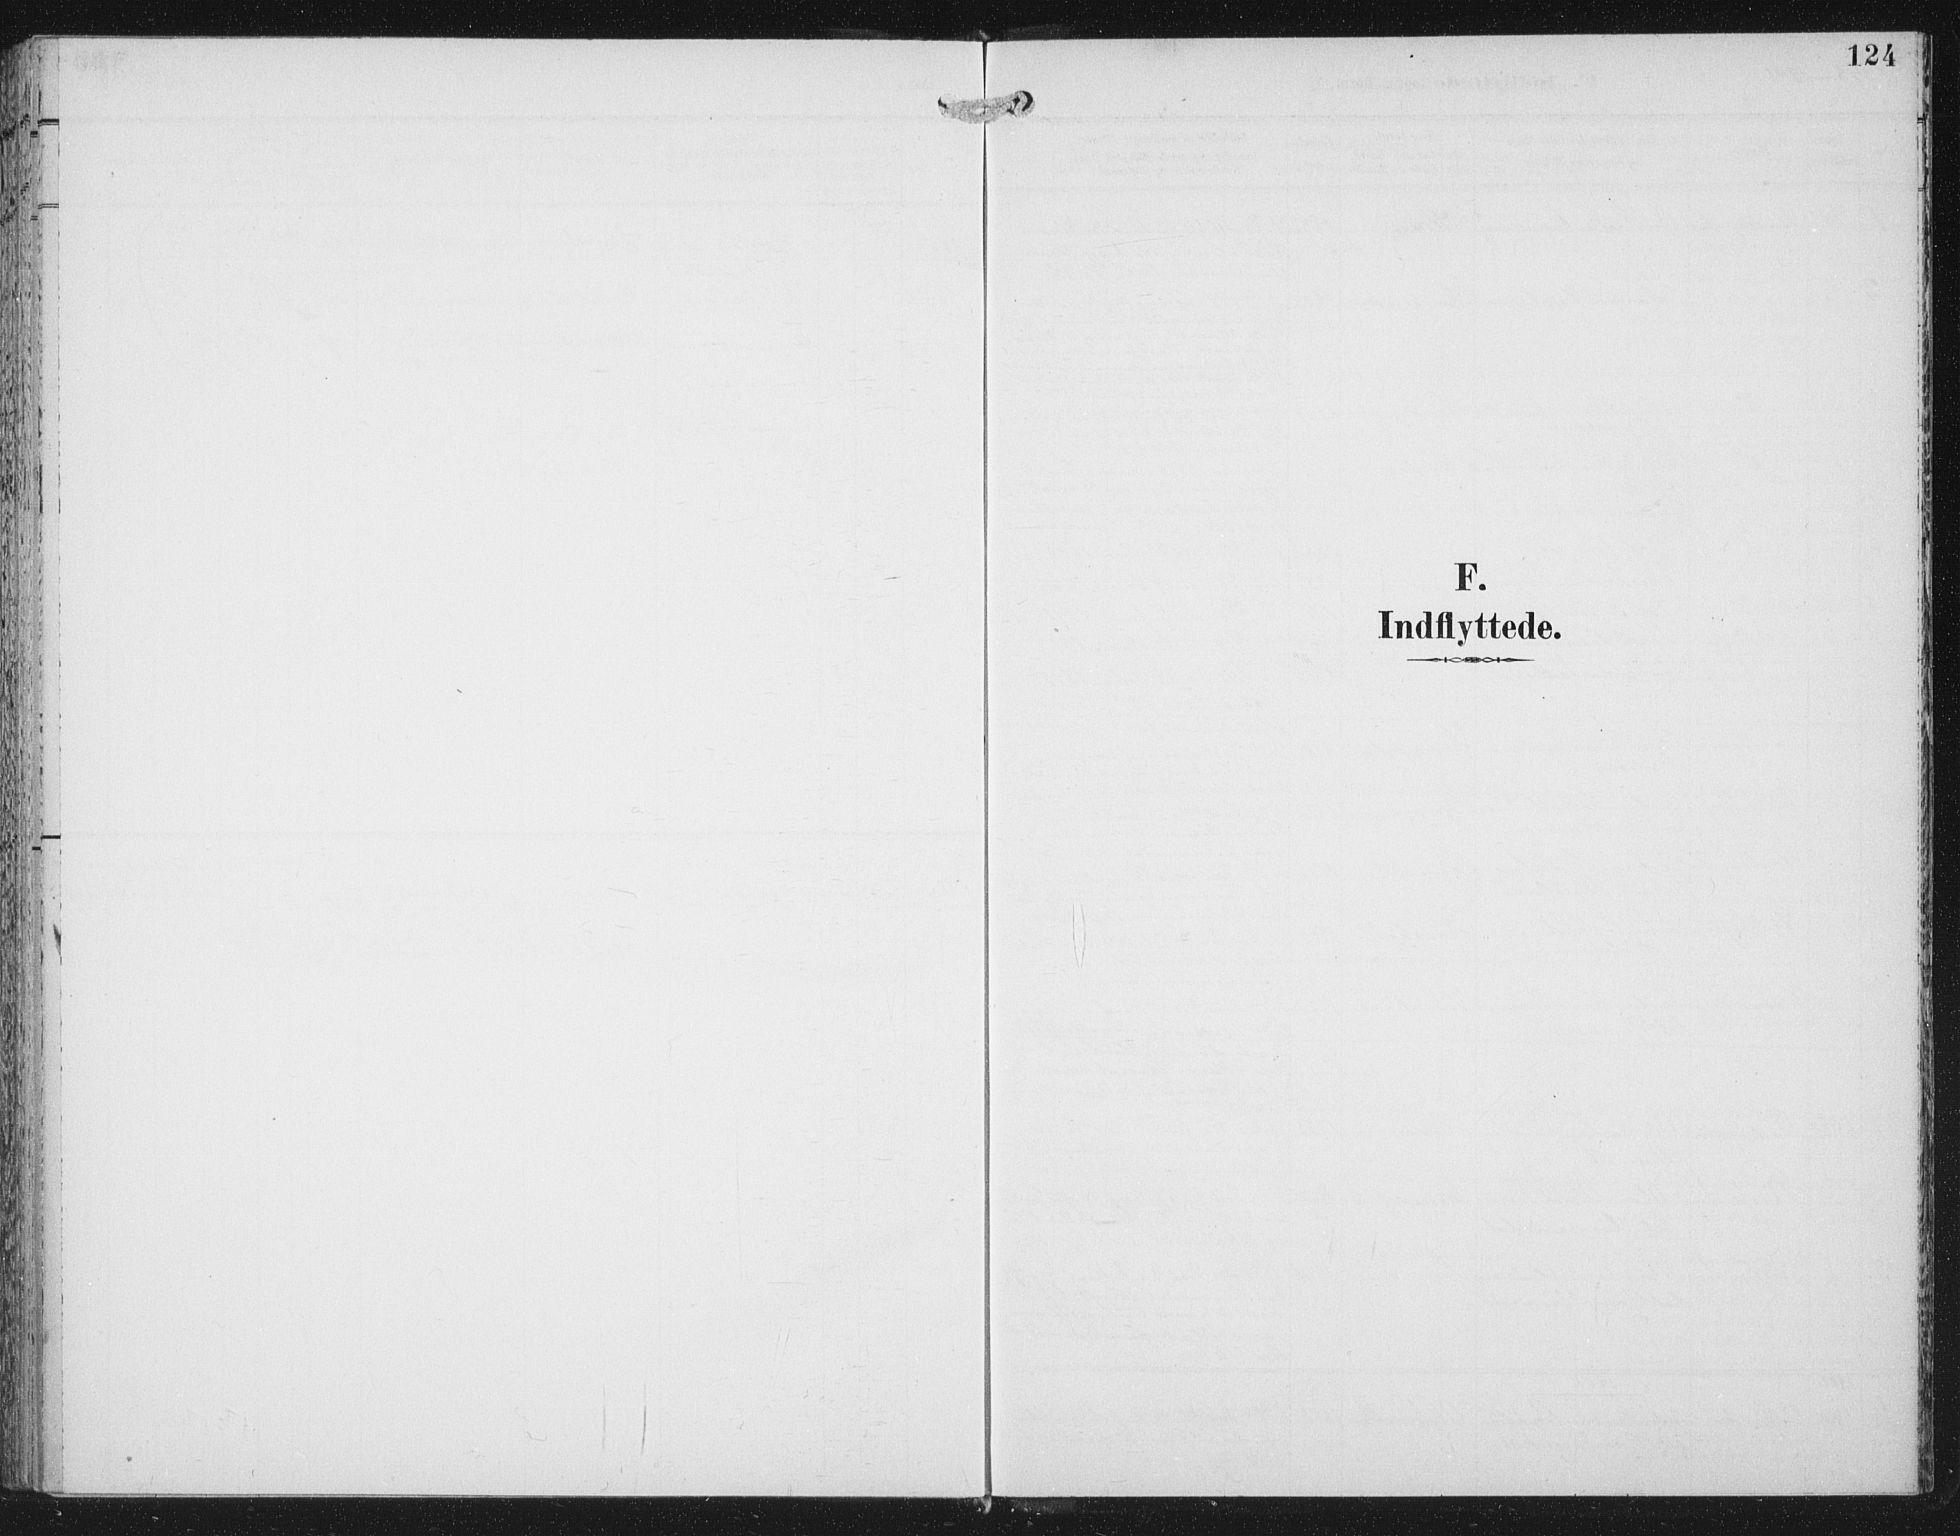 SAT, Ministerialprotokoller, klokkerbøker og fødselsregistre - Nord-Trøndelag, 702/L0024: Parish register (official) no. 702A02, 1898-1914, p. 124